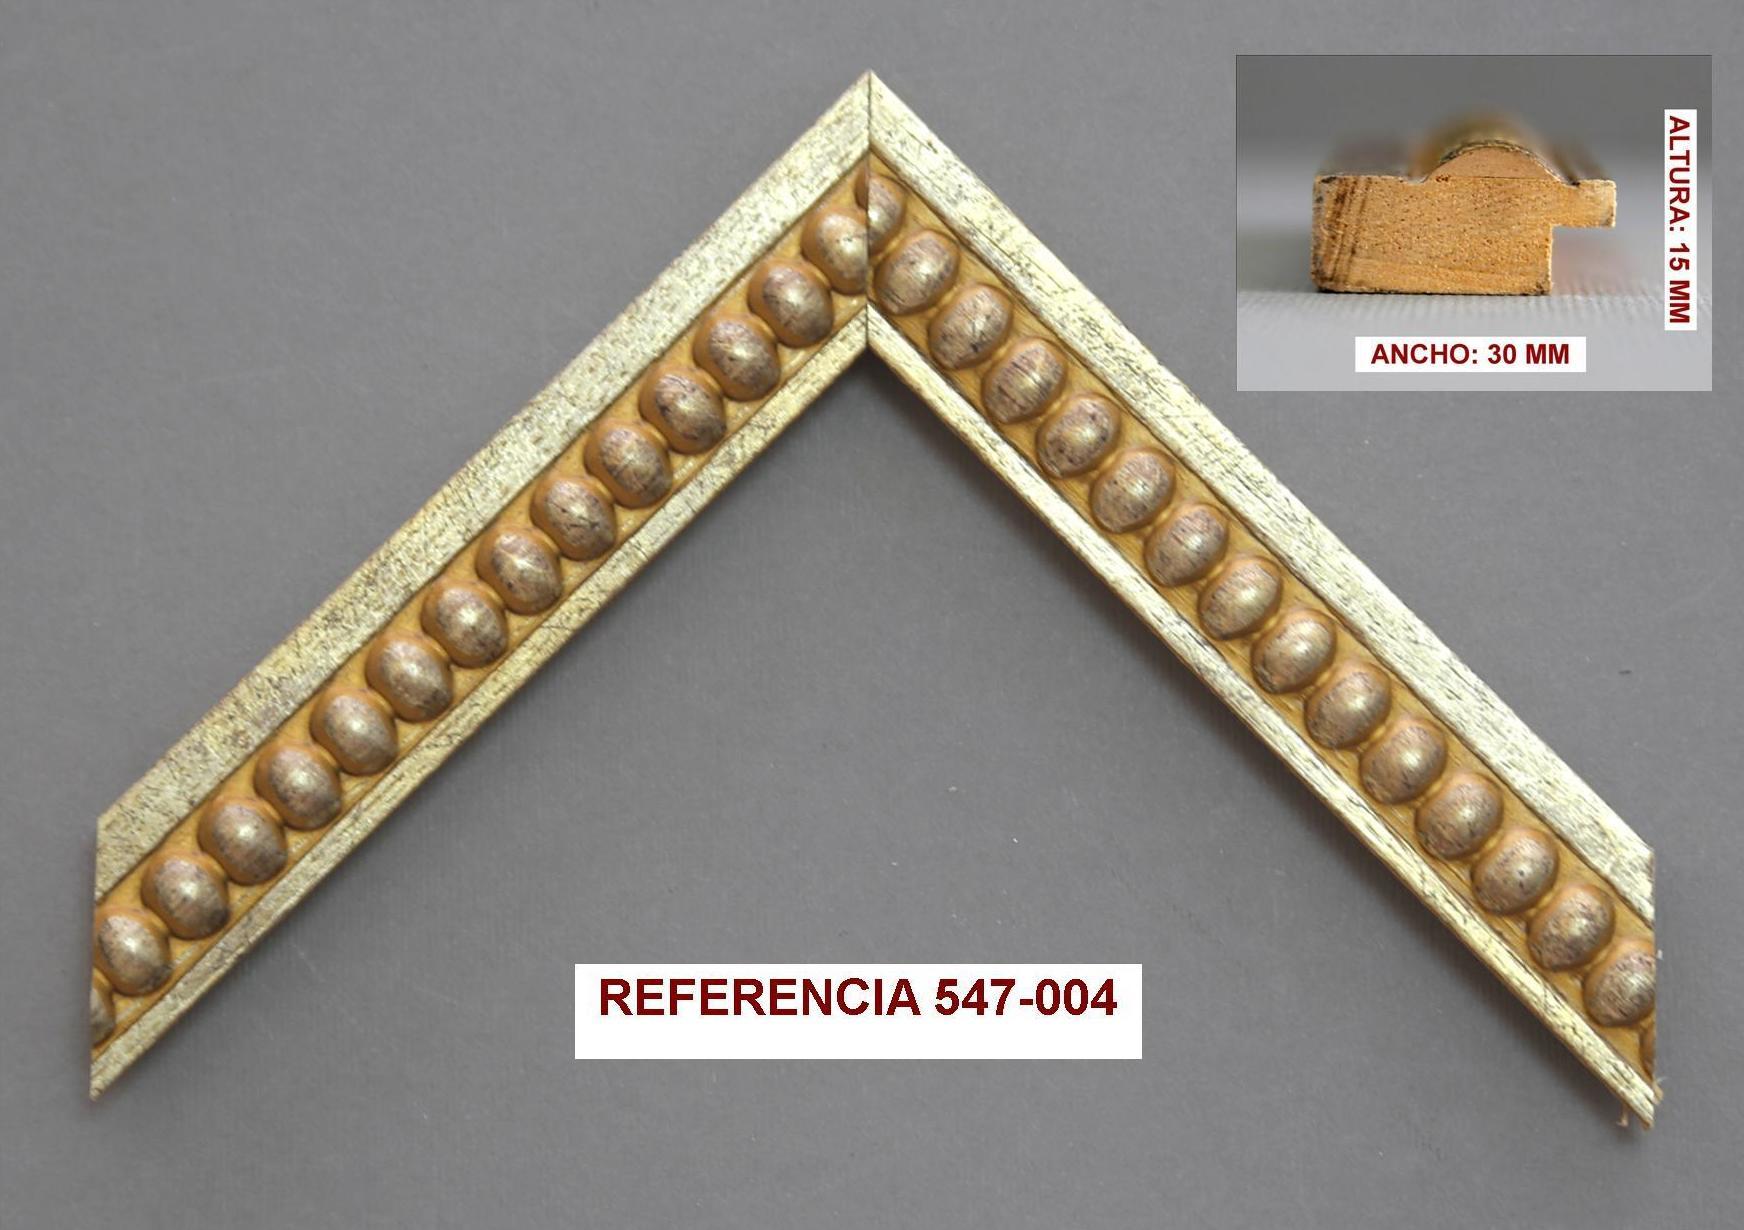 REF 547-004: Muestrario de Moldusevilla